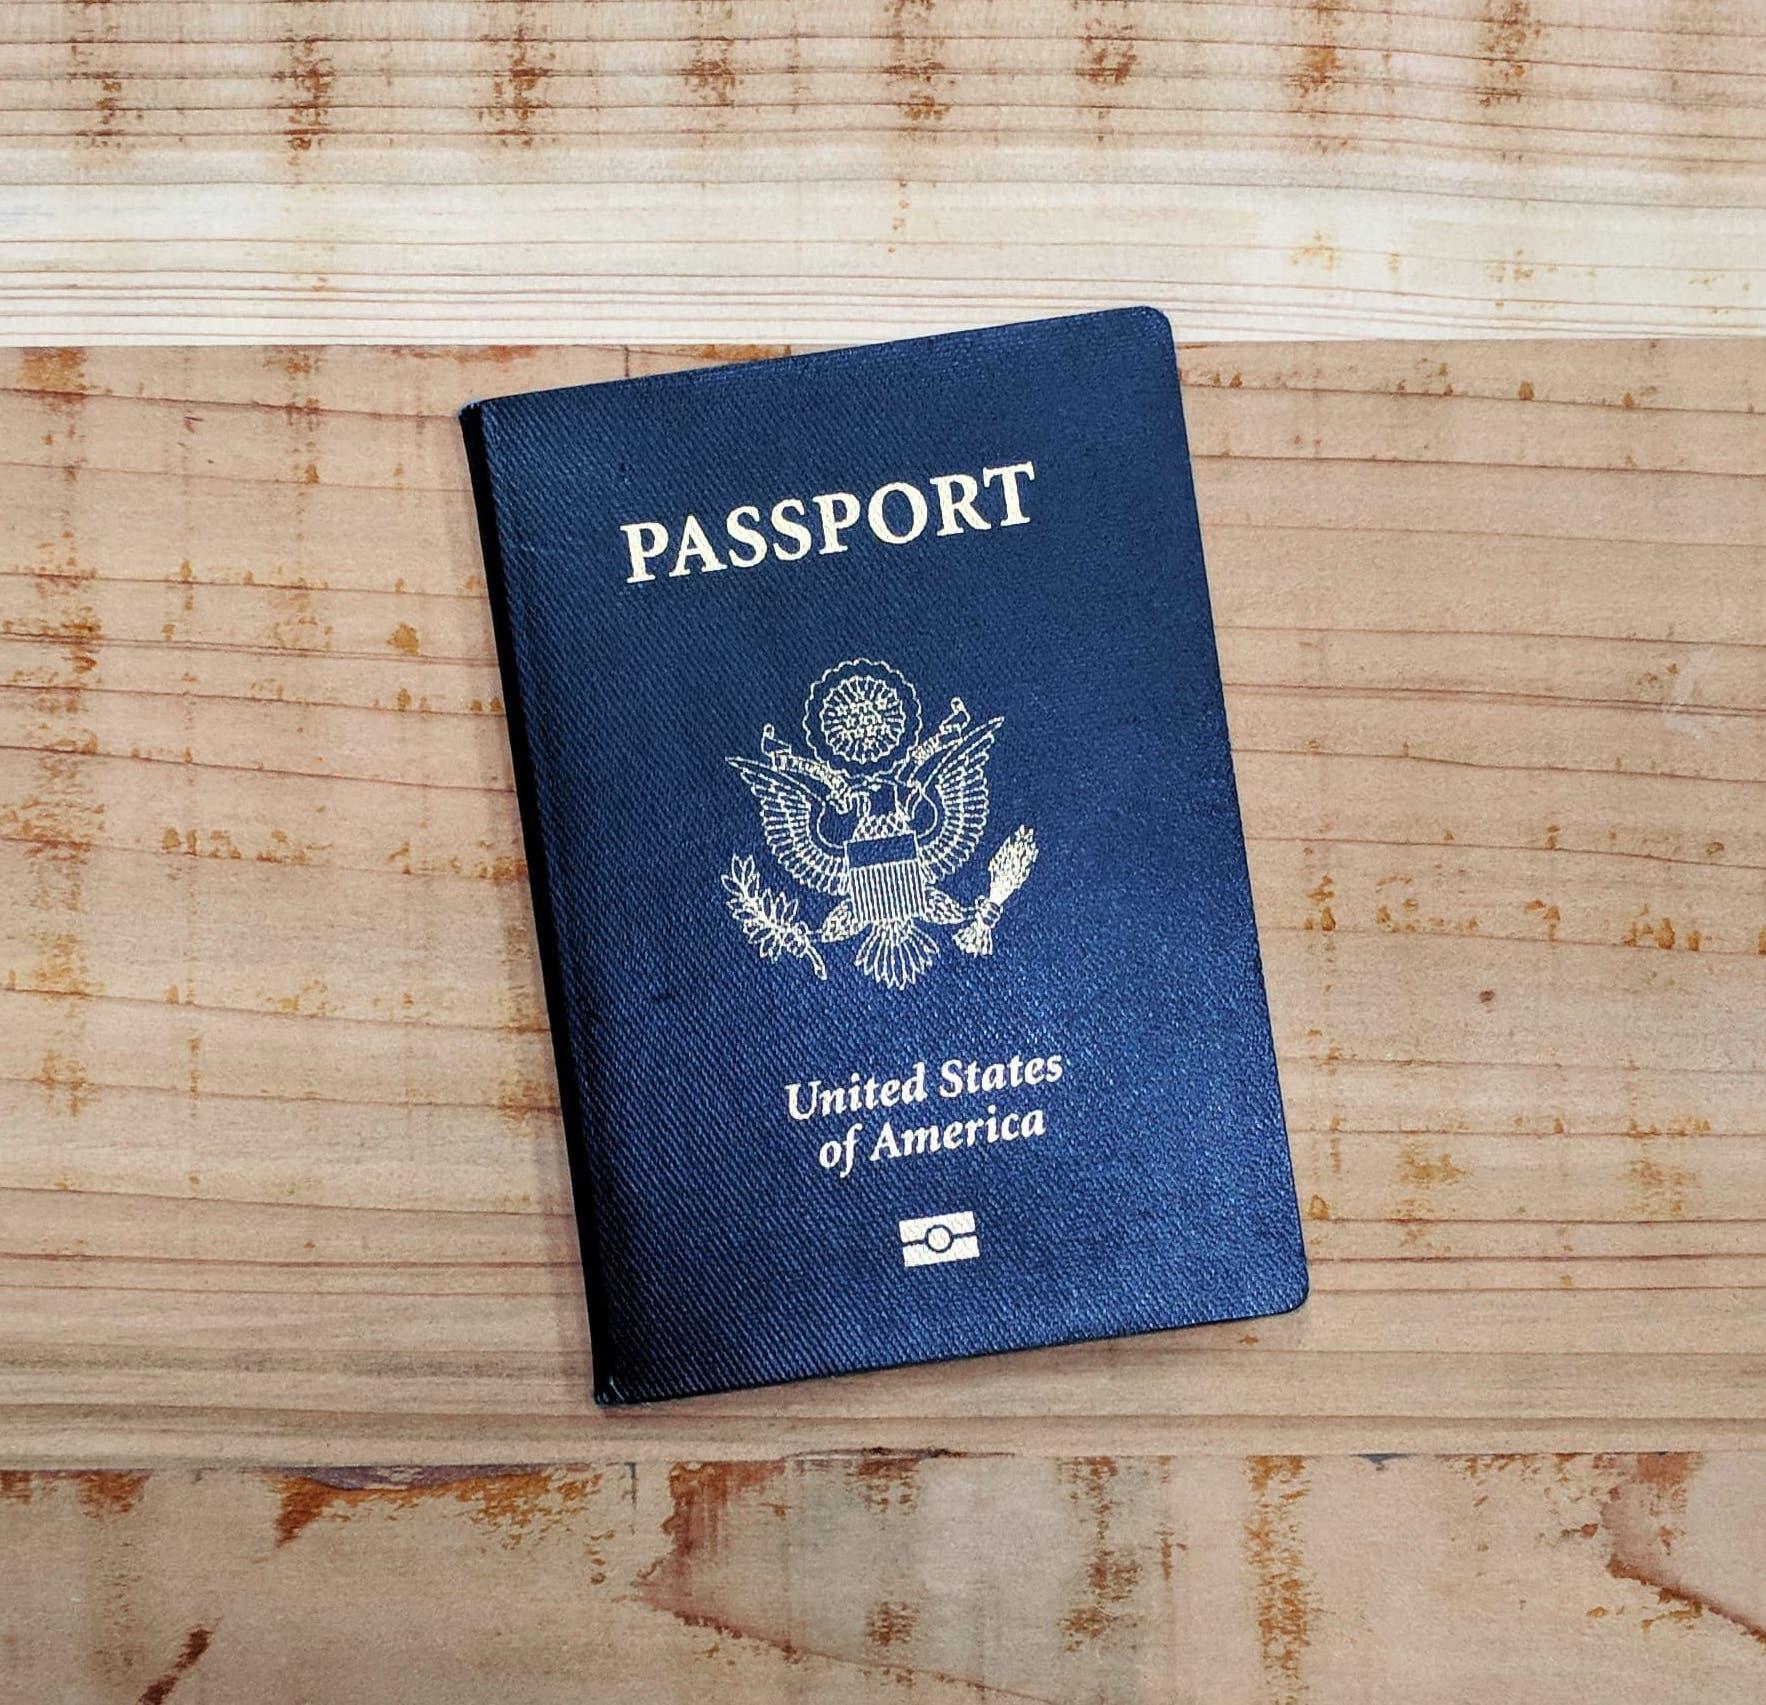 image of passport on wood